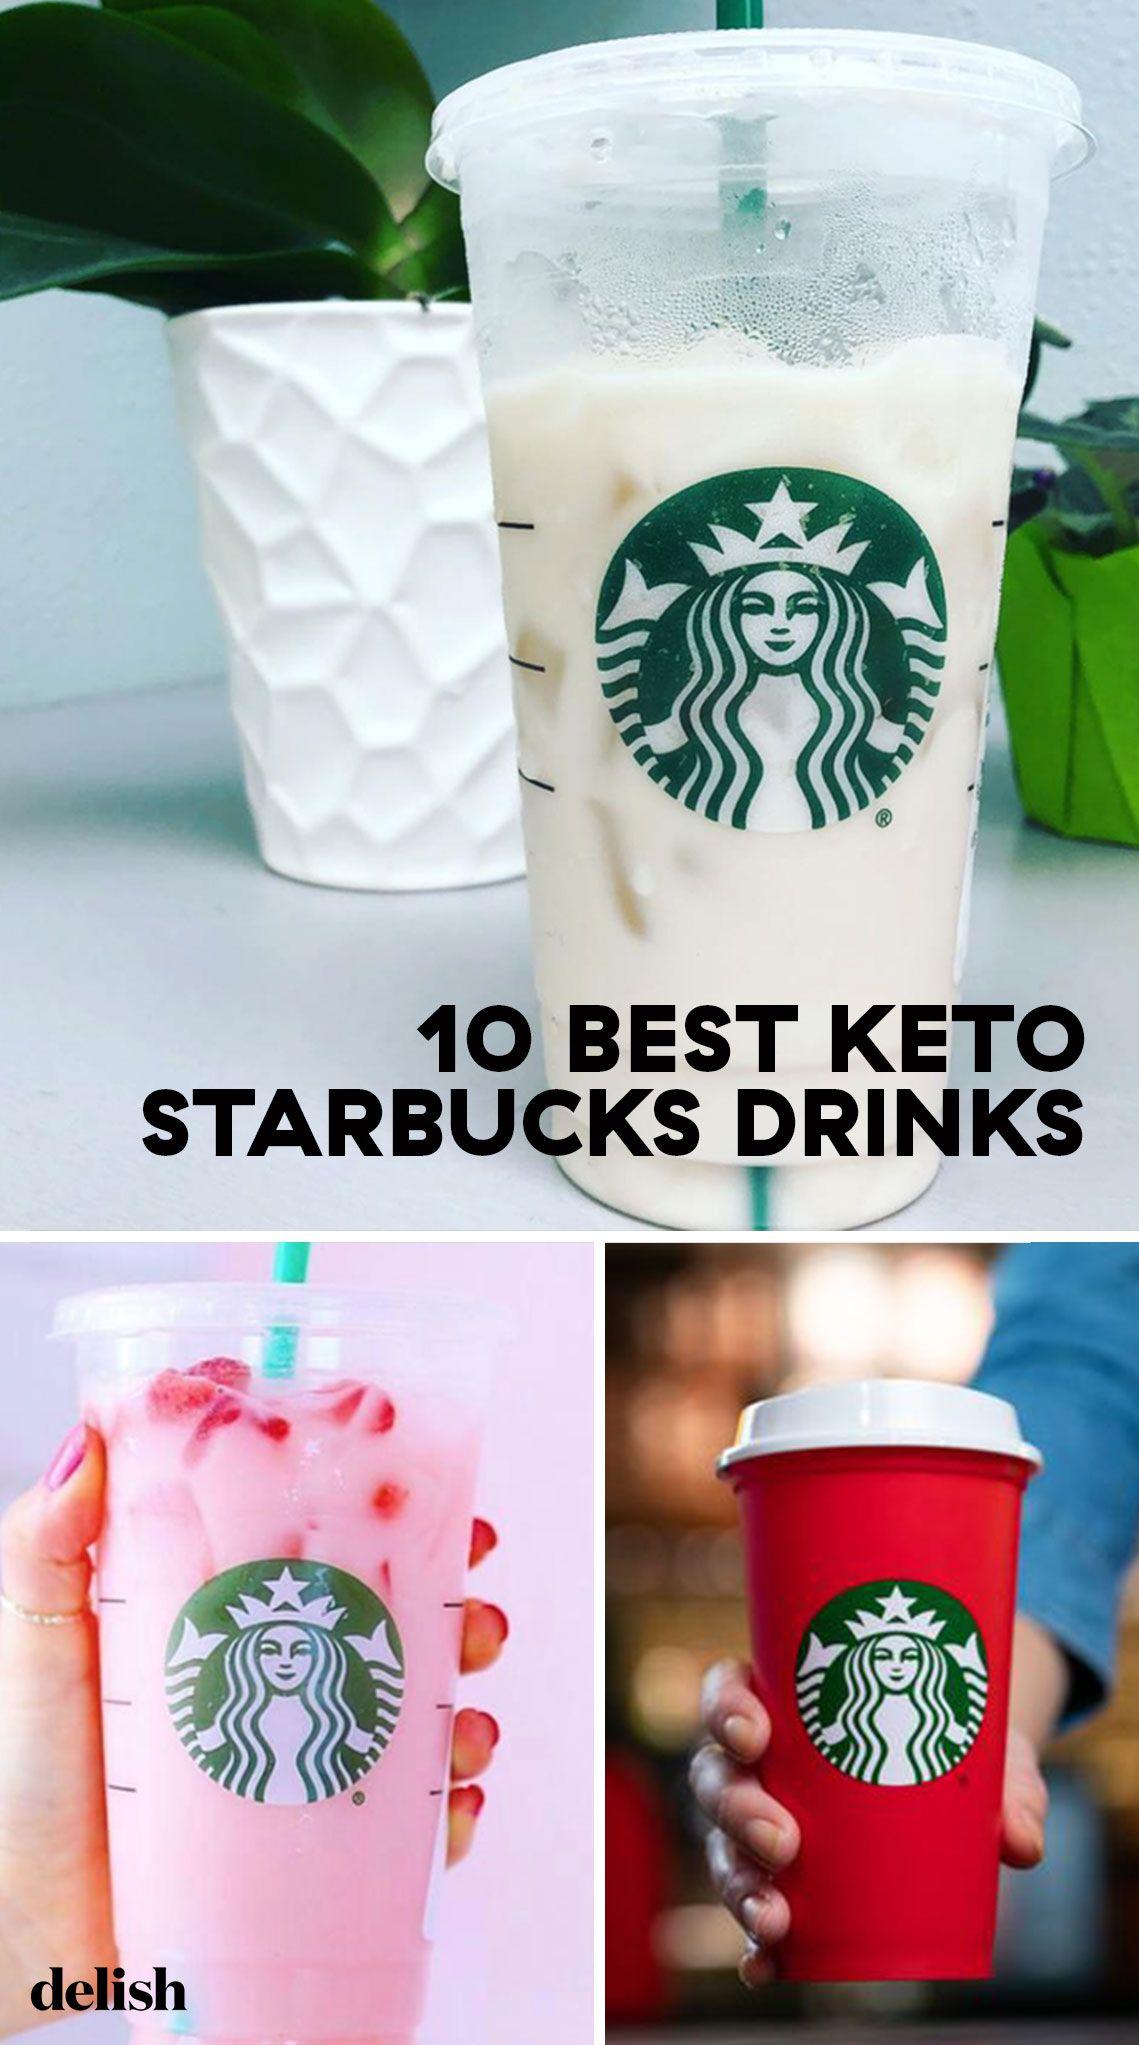 10 best starbucks keto